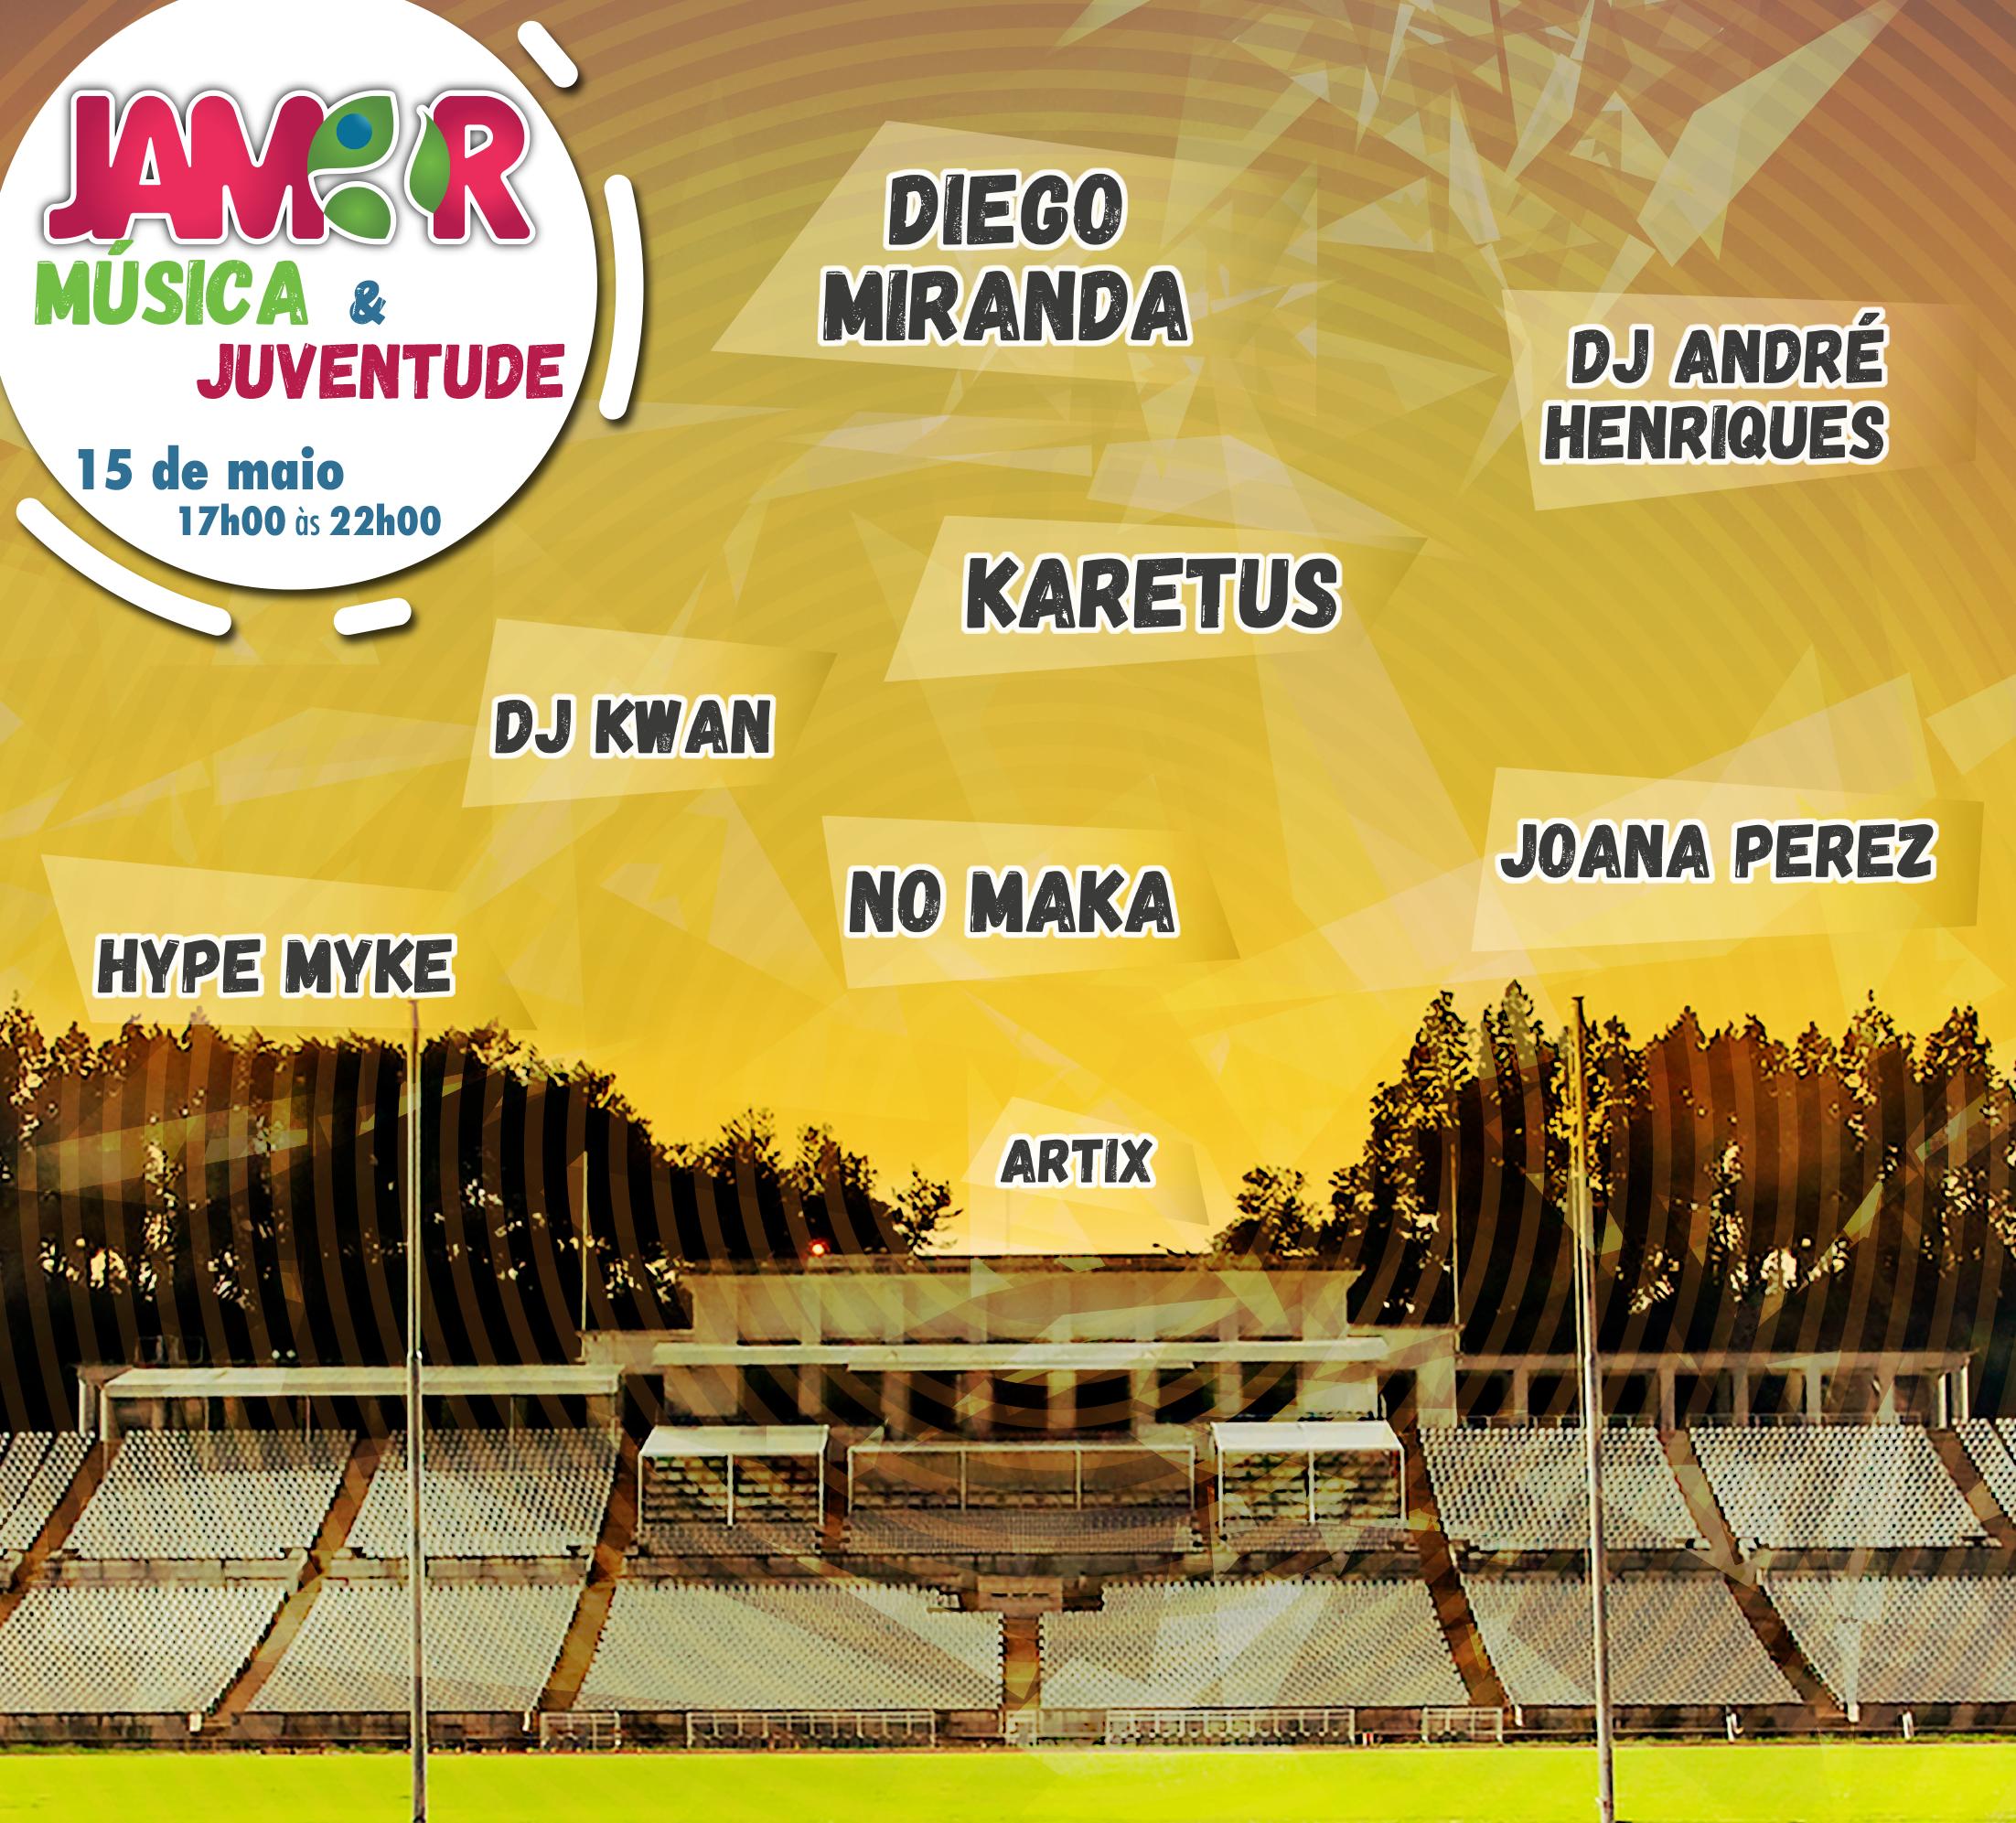 """cartaz do evento """"Jamor, música e juventude"""""""